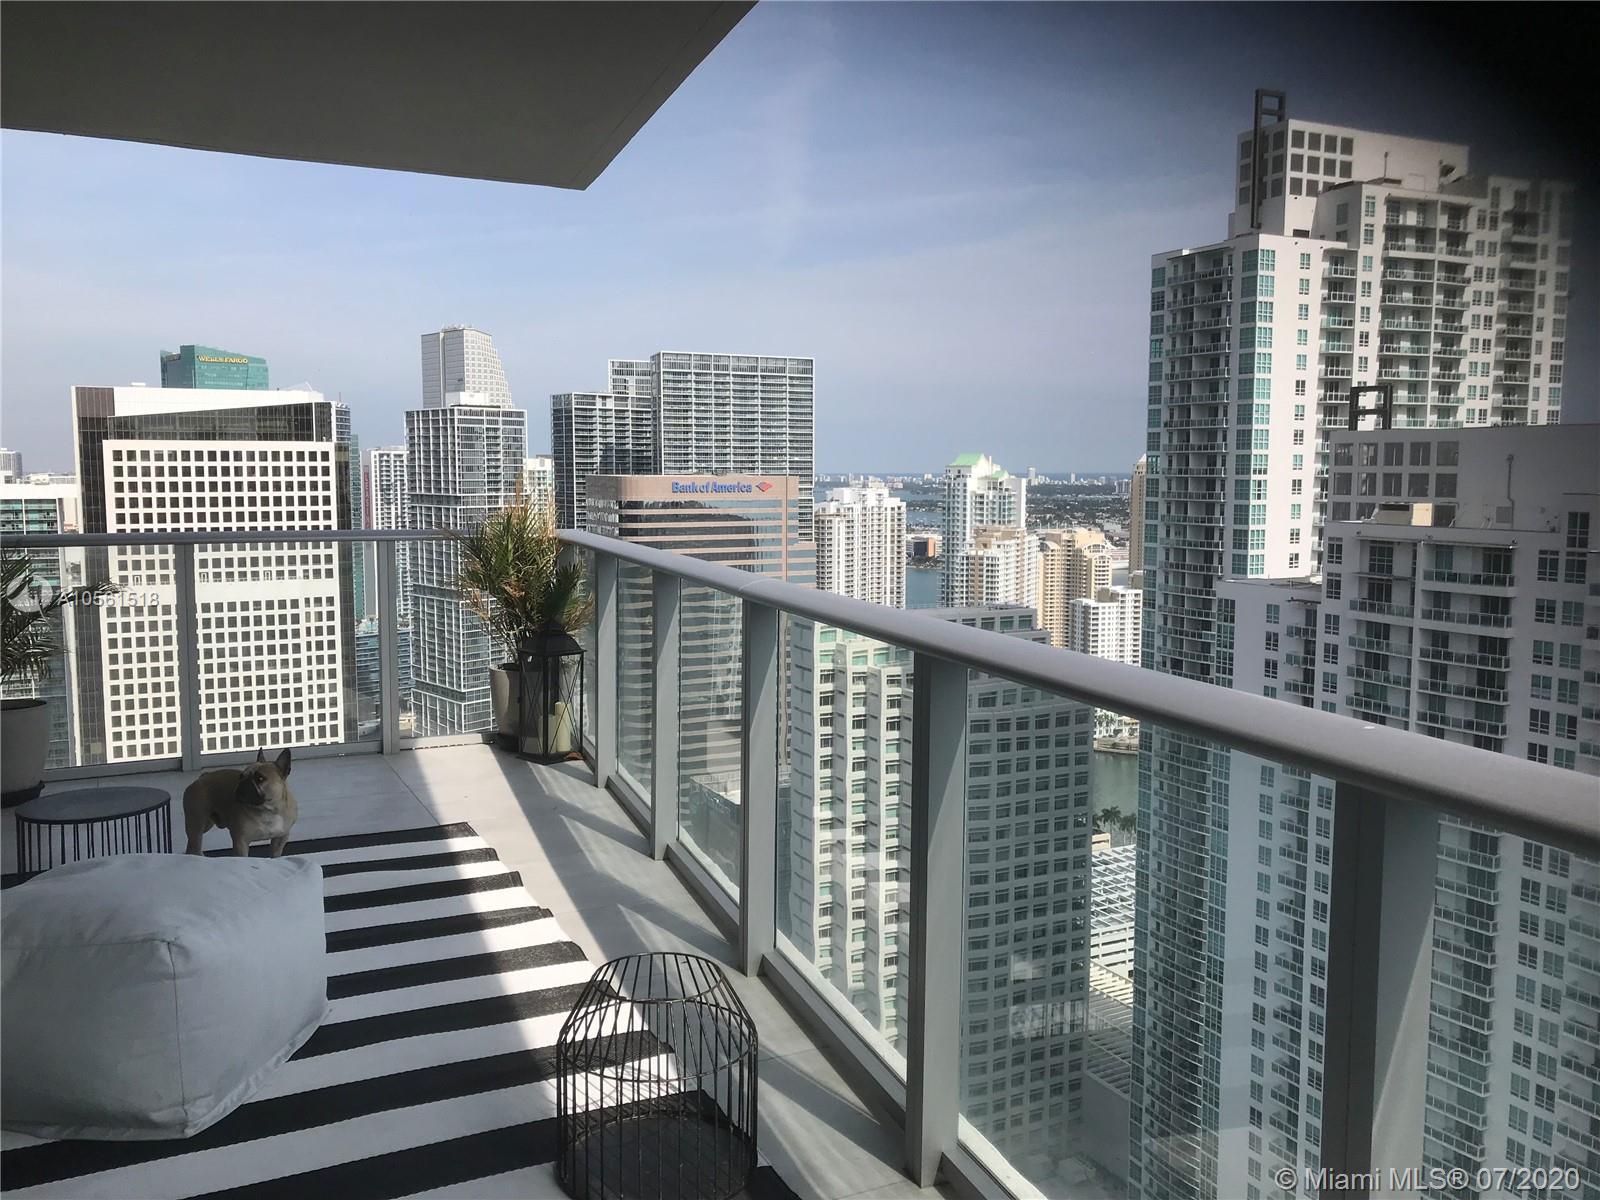 1010 Brickell Avenue, Miami, FL 33131, 1010 Brickell #4601, Brickell, Miami A10561518 image #6